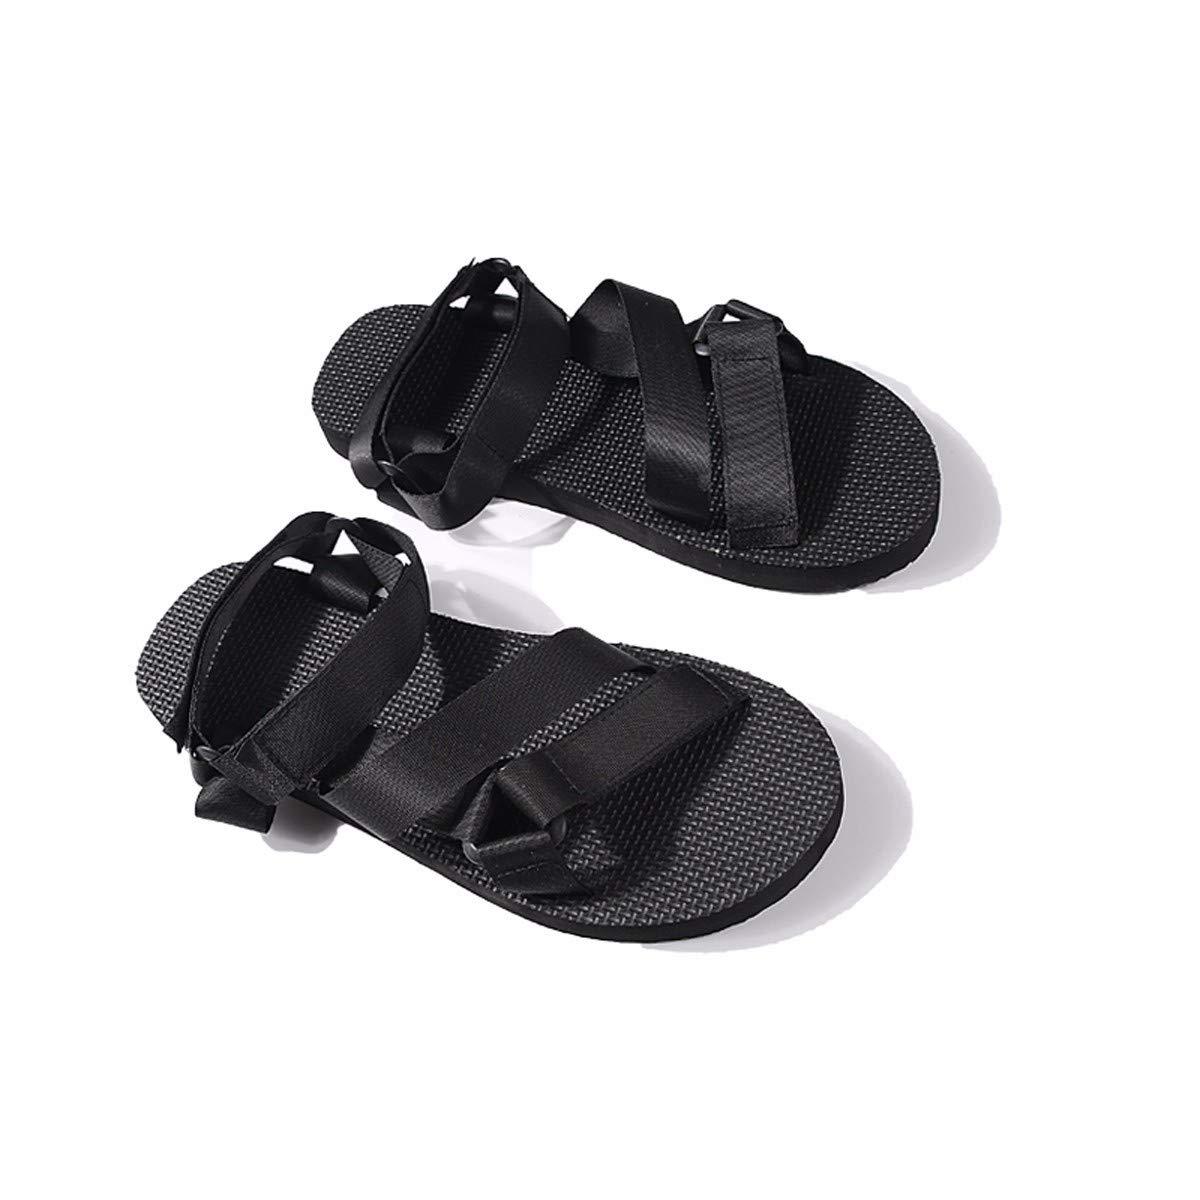 KPHY Chaussures pour Femmes/L'Été des Sandales Les Remorques Les Loisirs Antidérapant Et Pantoufles Chaussures De Plage Les Hommes Quarante - Et - Un Black